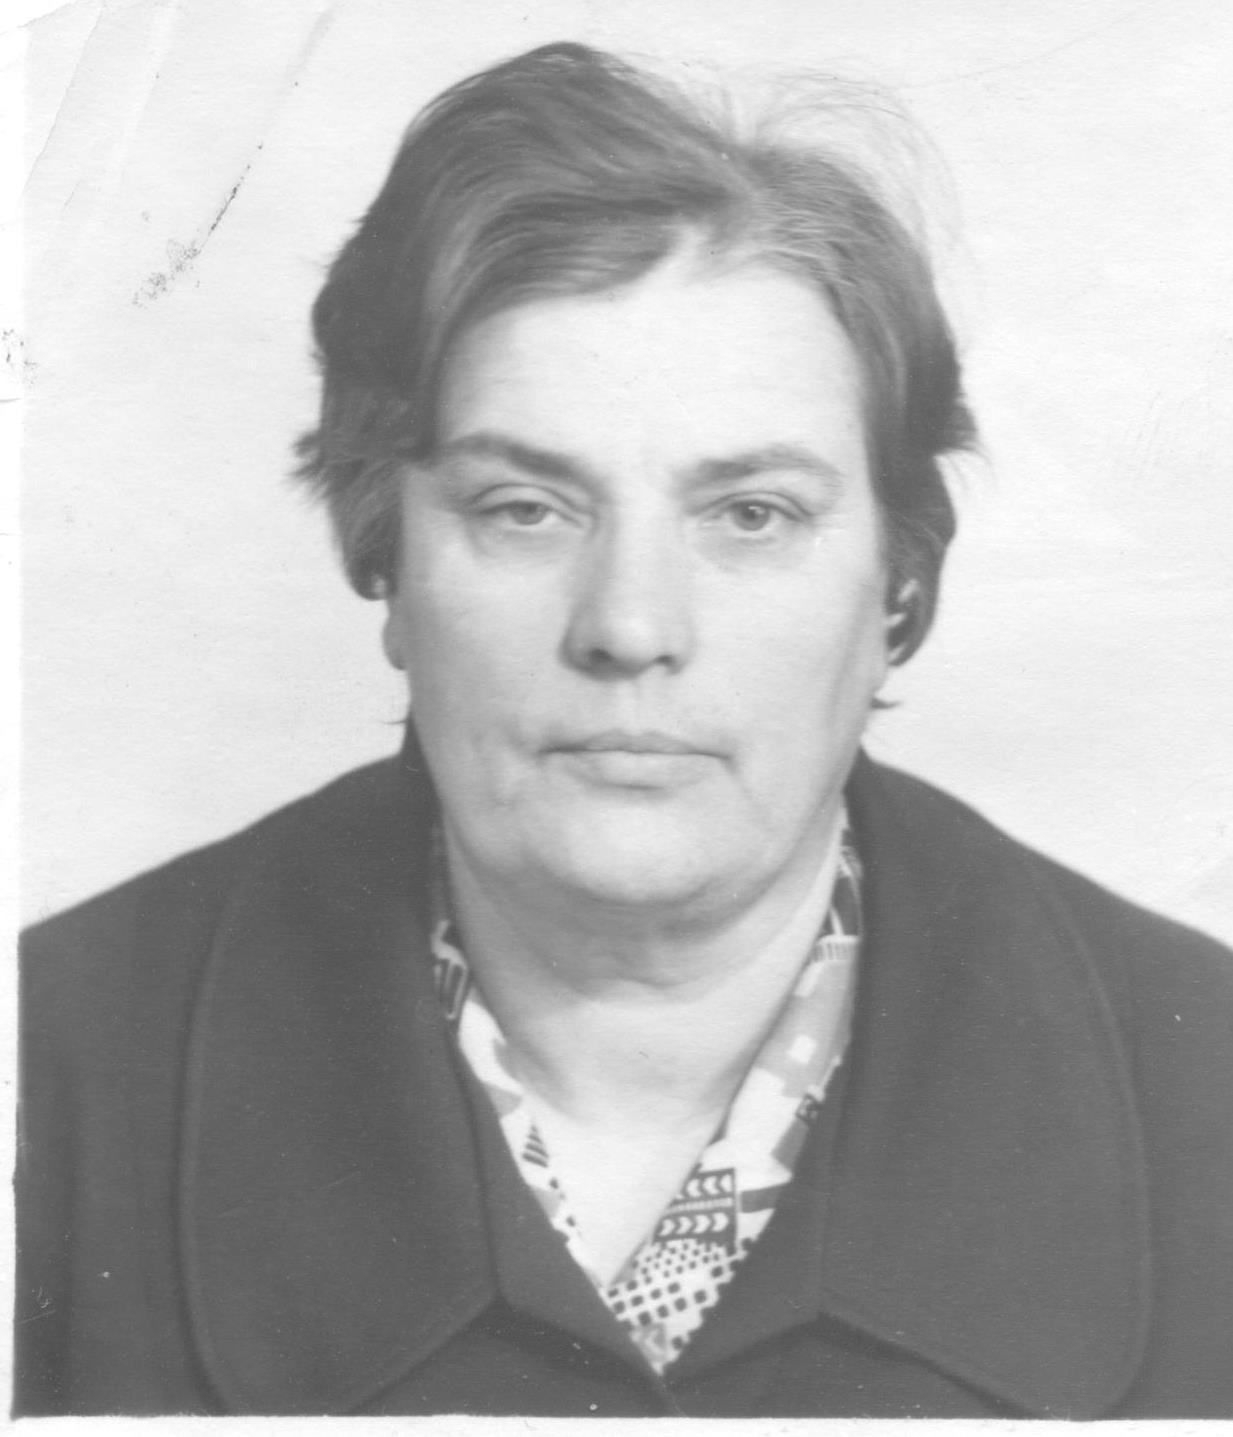 Клавдия Андреевна Костерина, учитель русского языка и литературы. 80-е годы